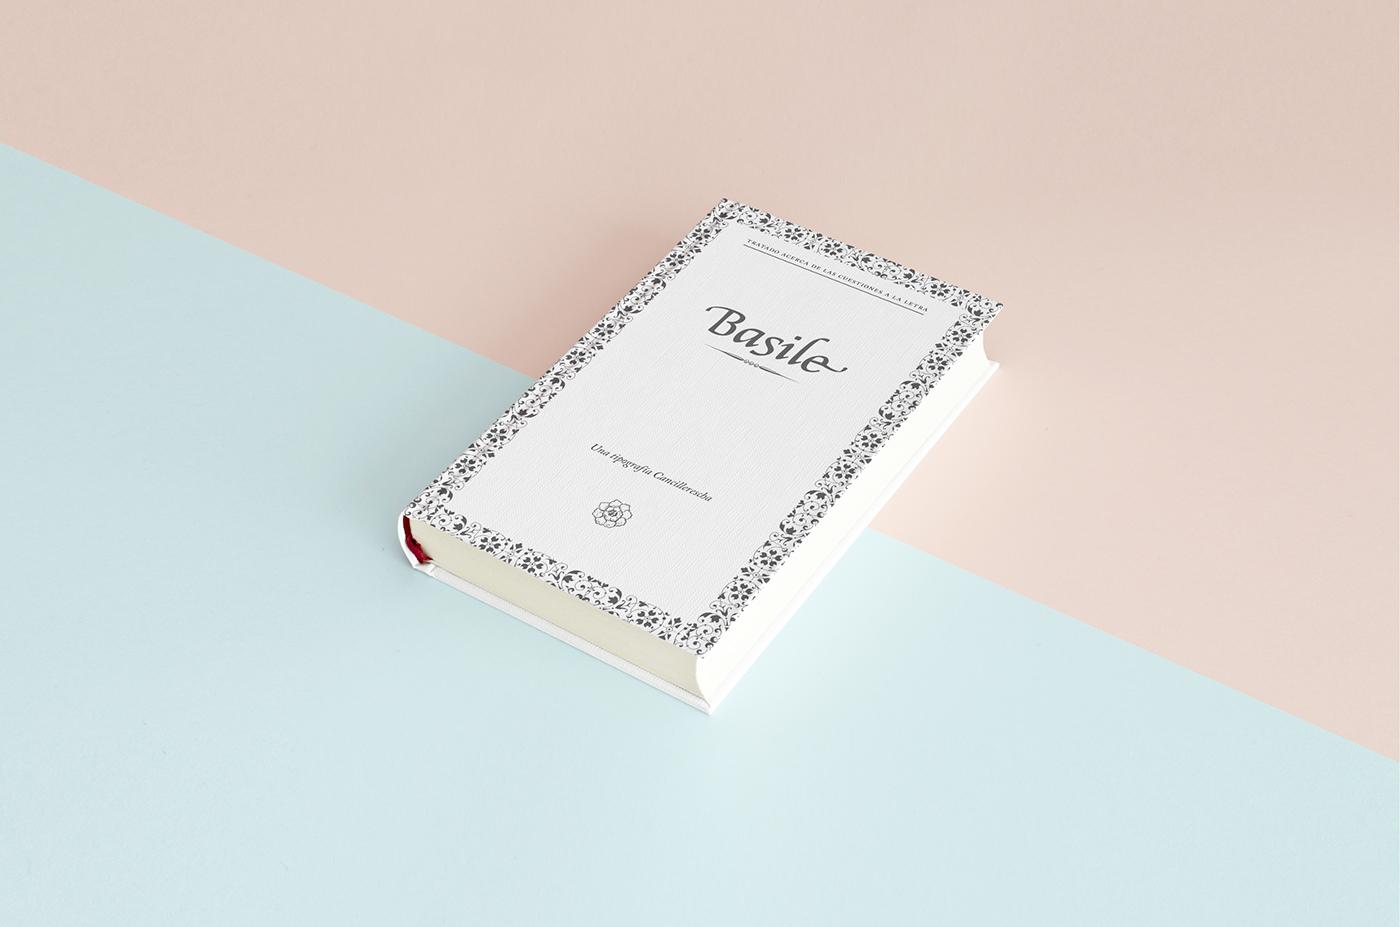 Basile, a classic book